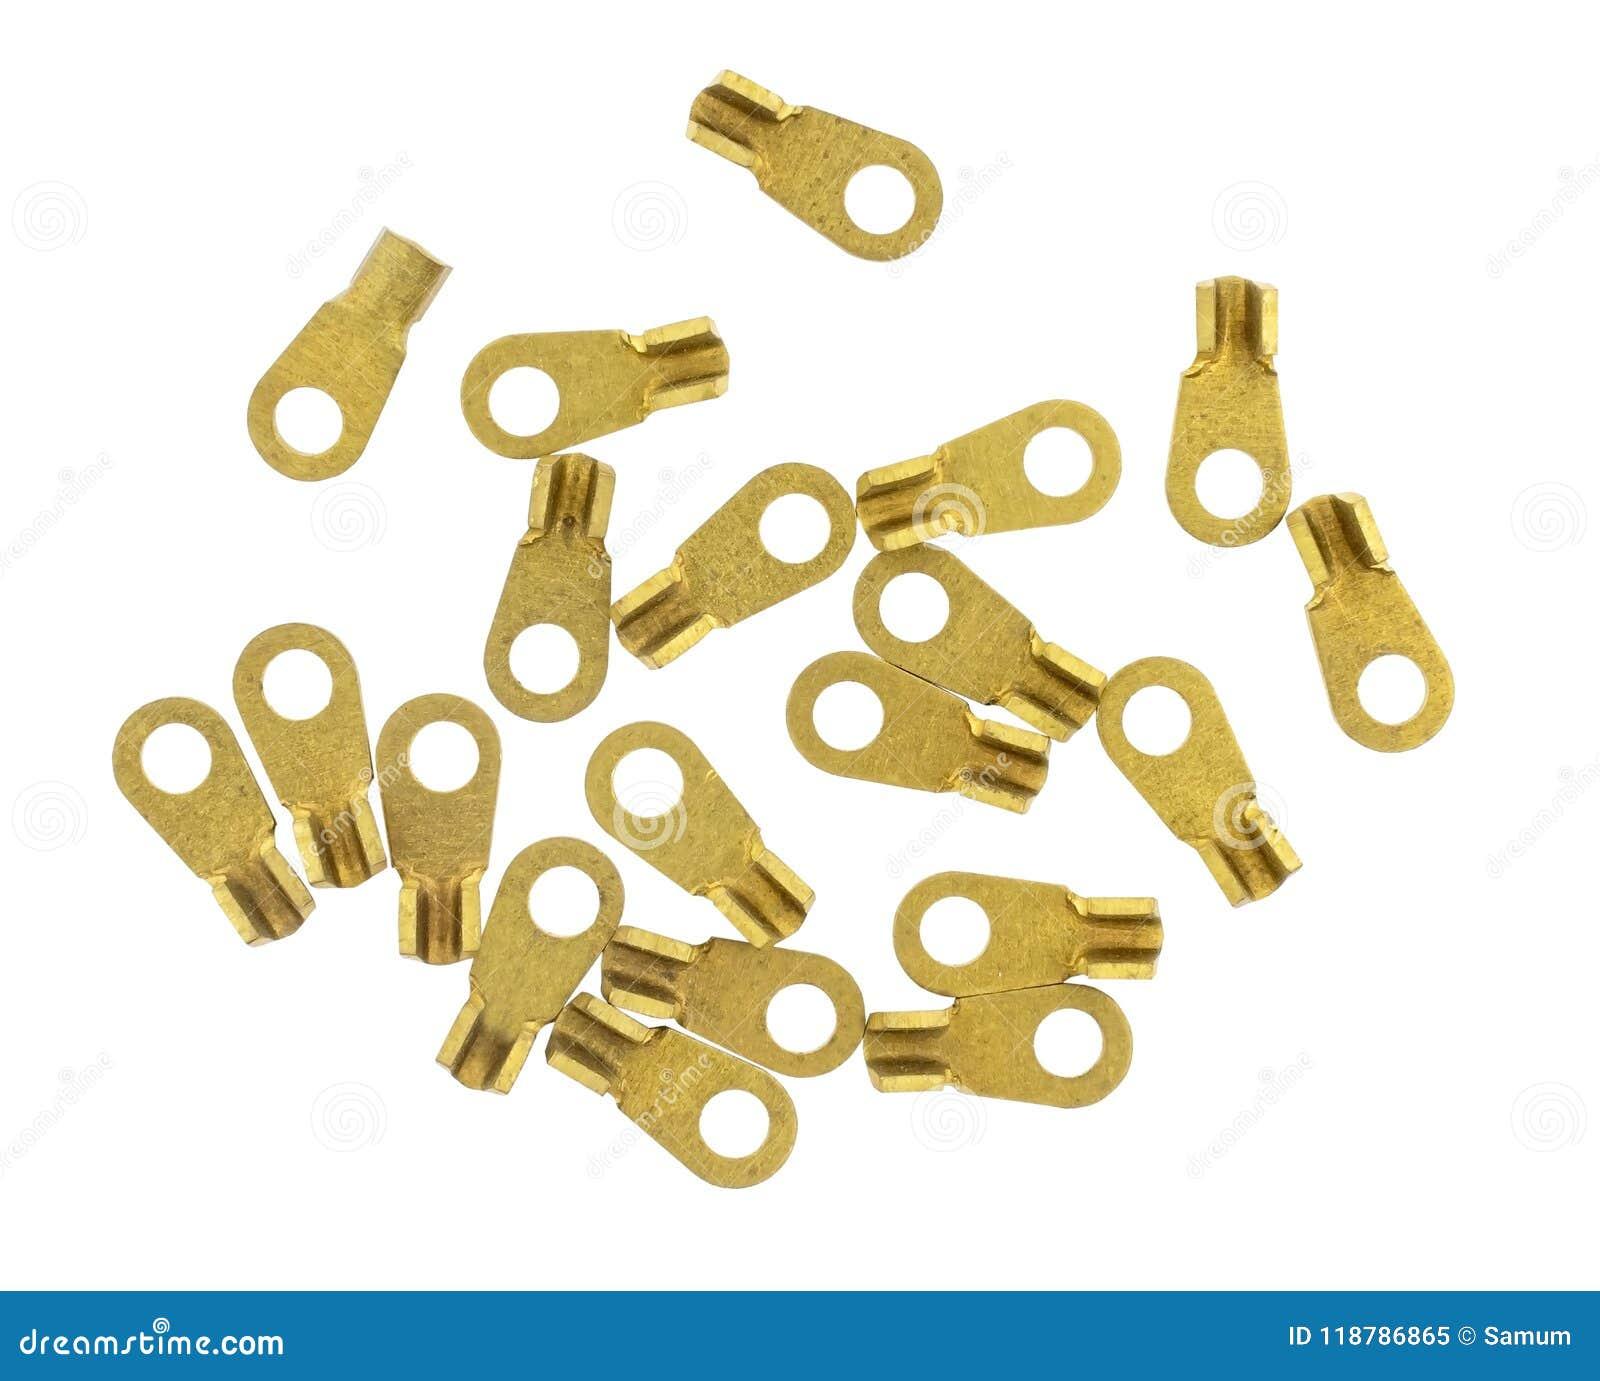 白色的黄铜电接头